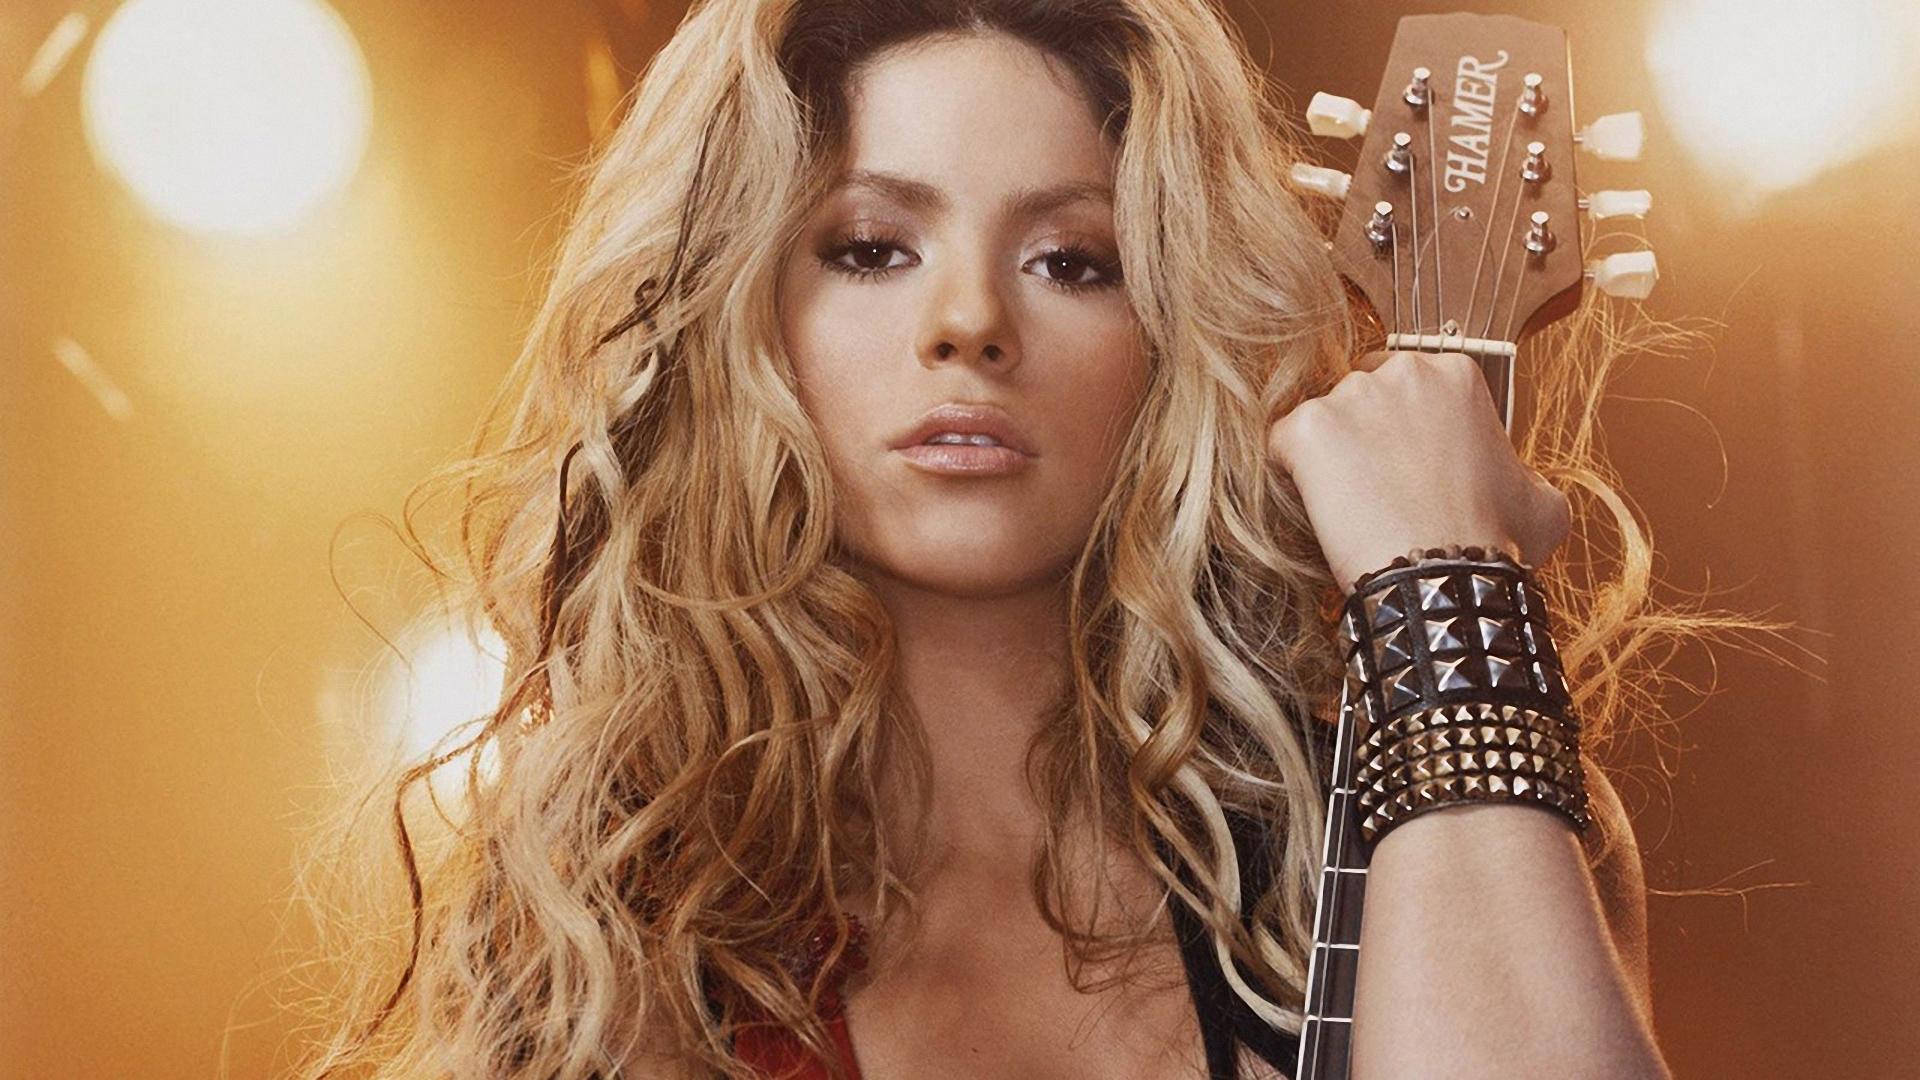 Wallpaper Face Long Hair Guitar Shakira Supermodel Light